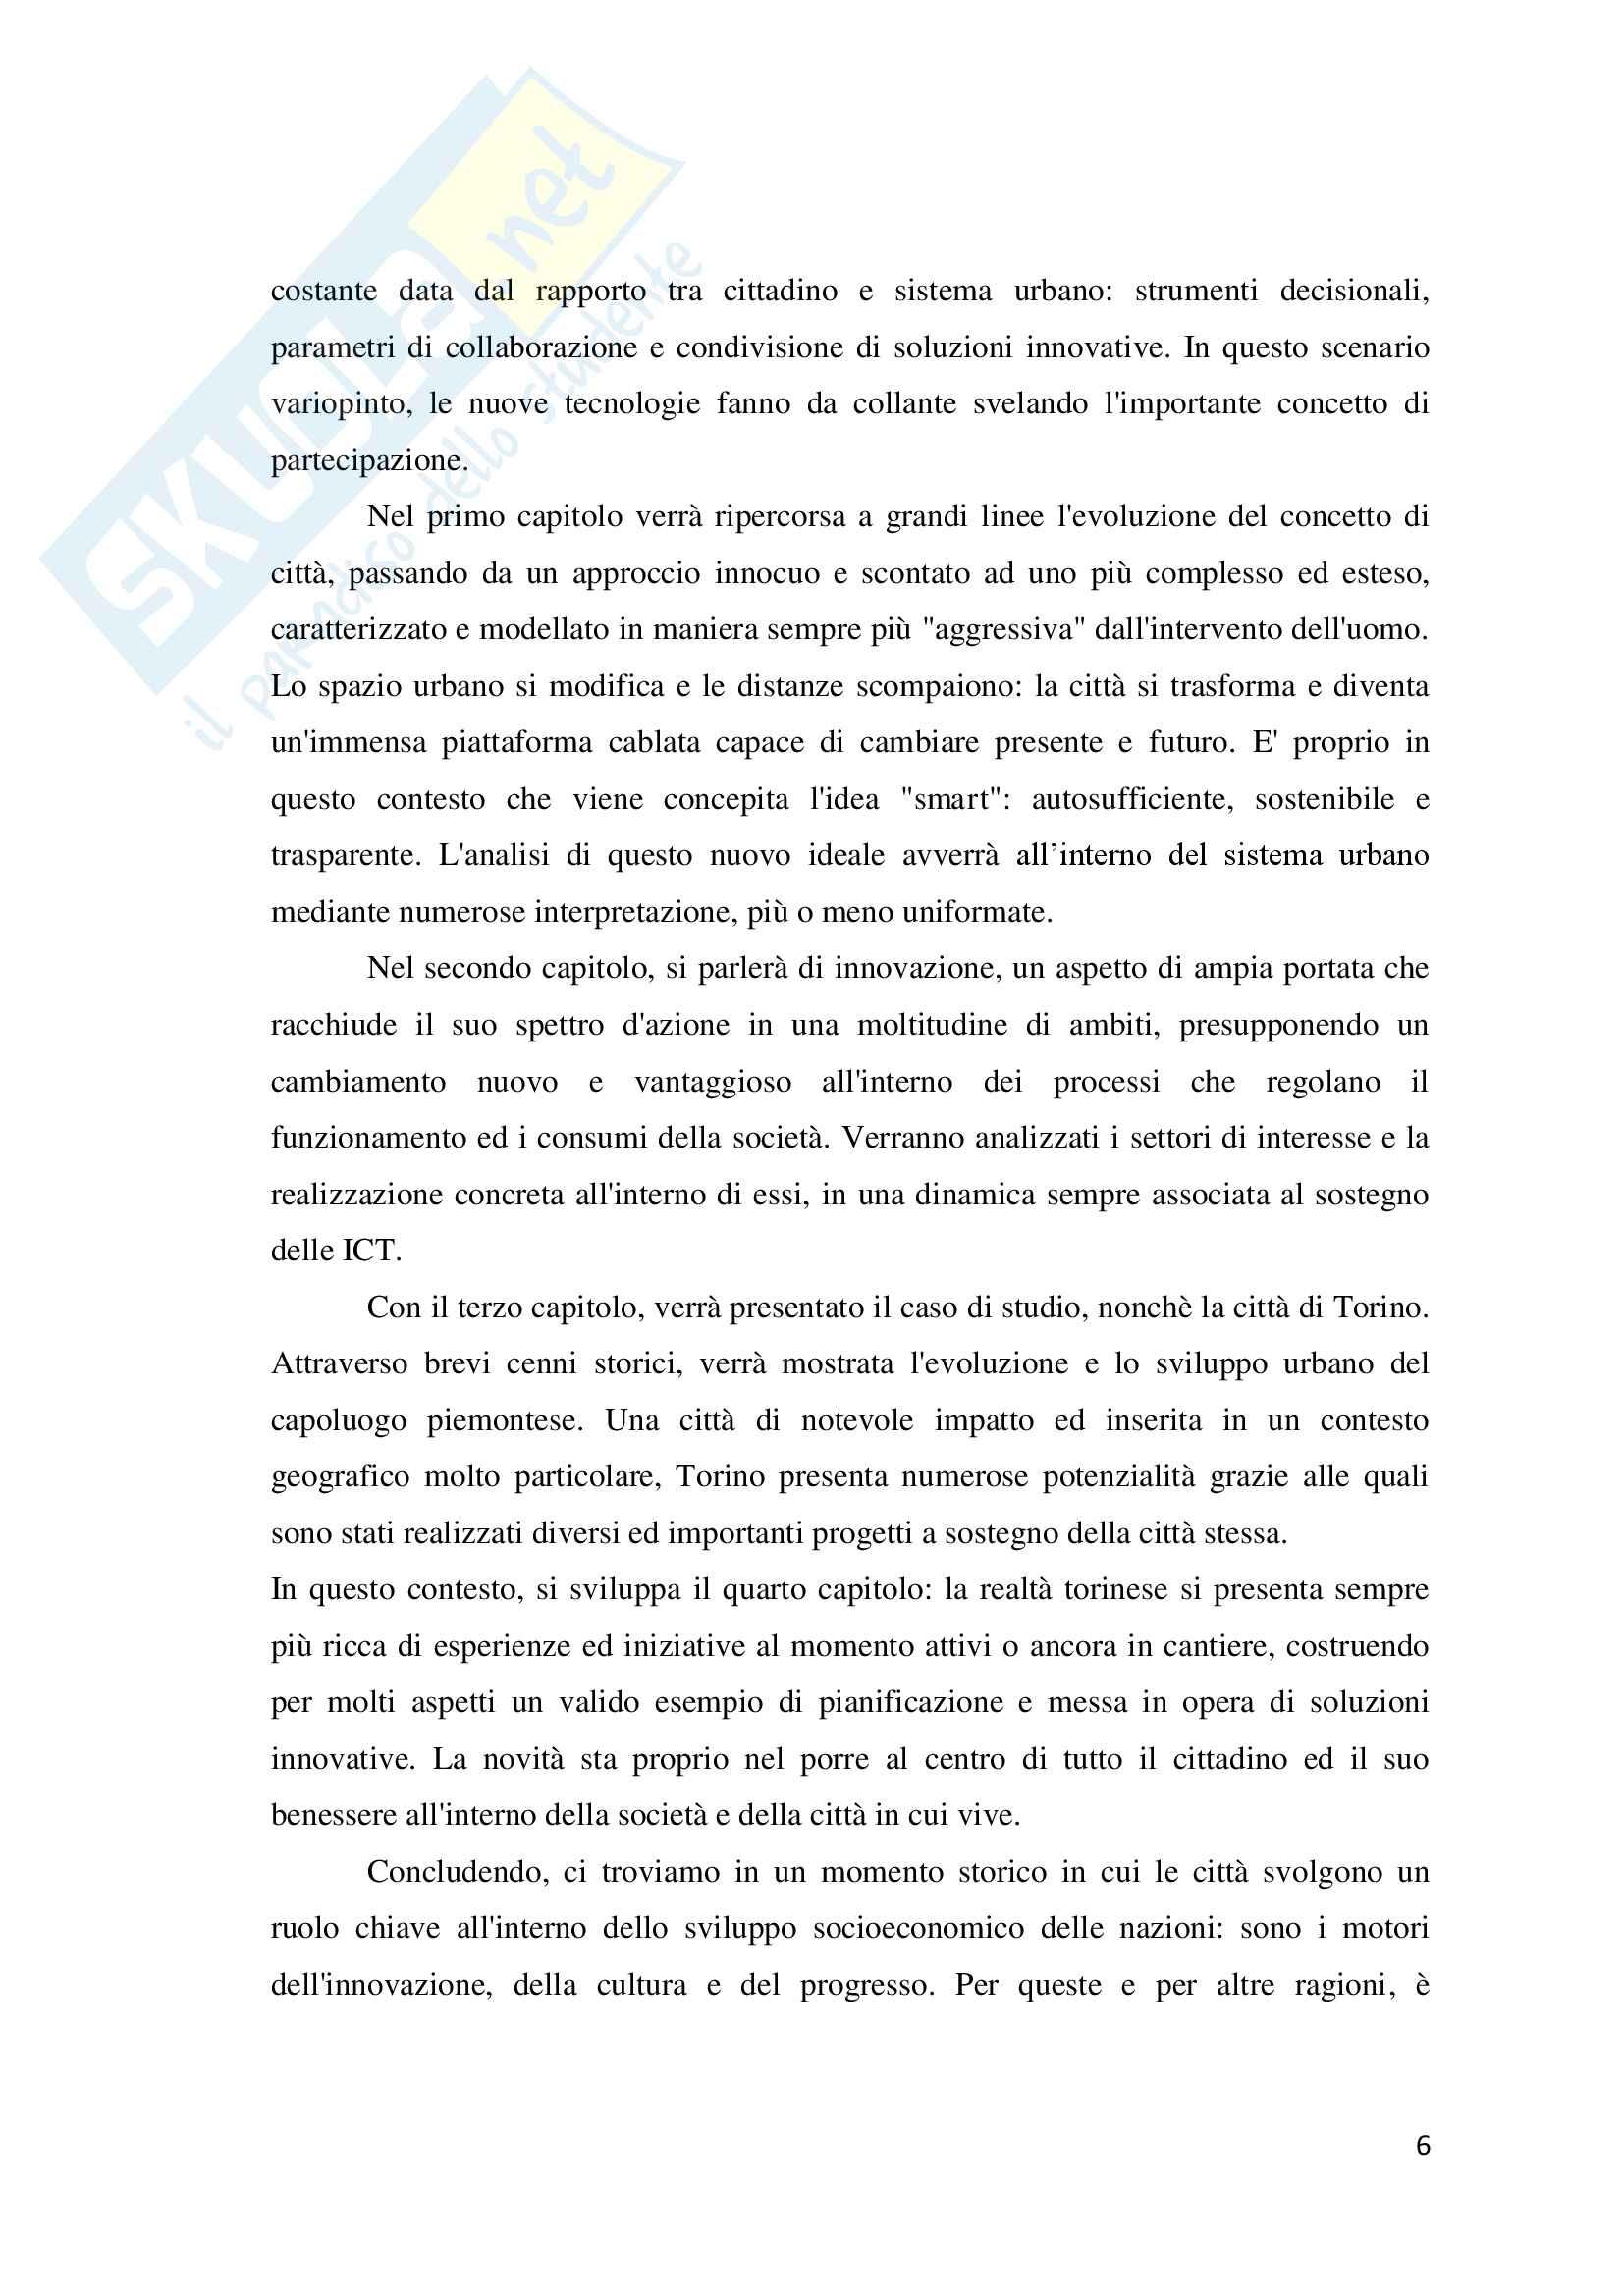 Torino Smart City: la rigenerazione della città attraverso le Information and Communication Technologies. Pag. 6